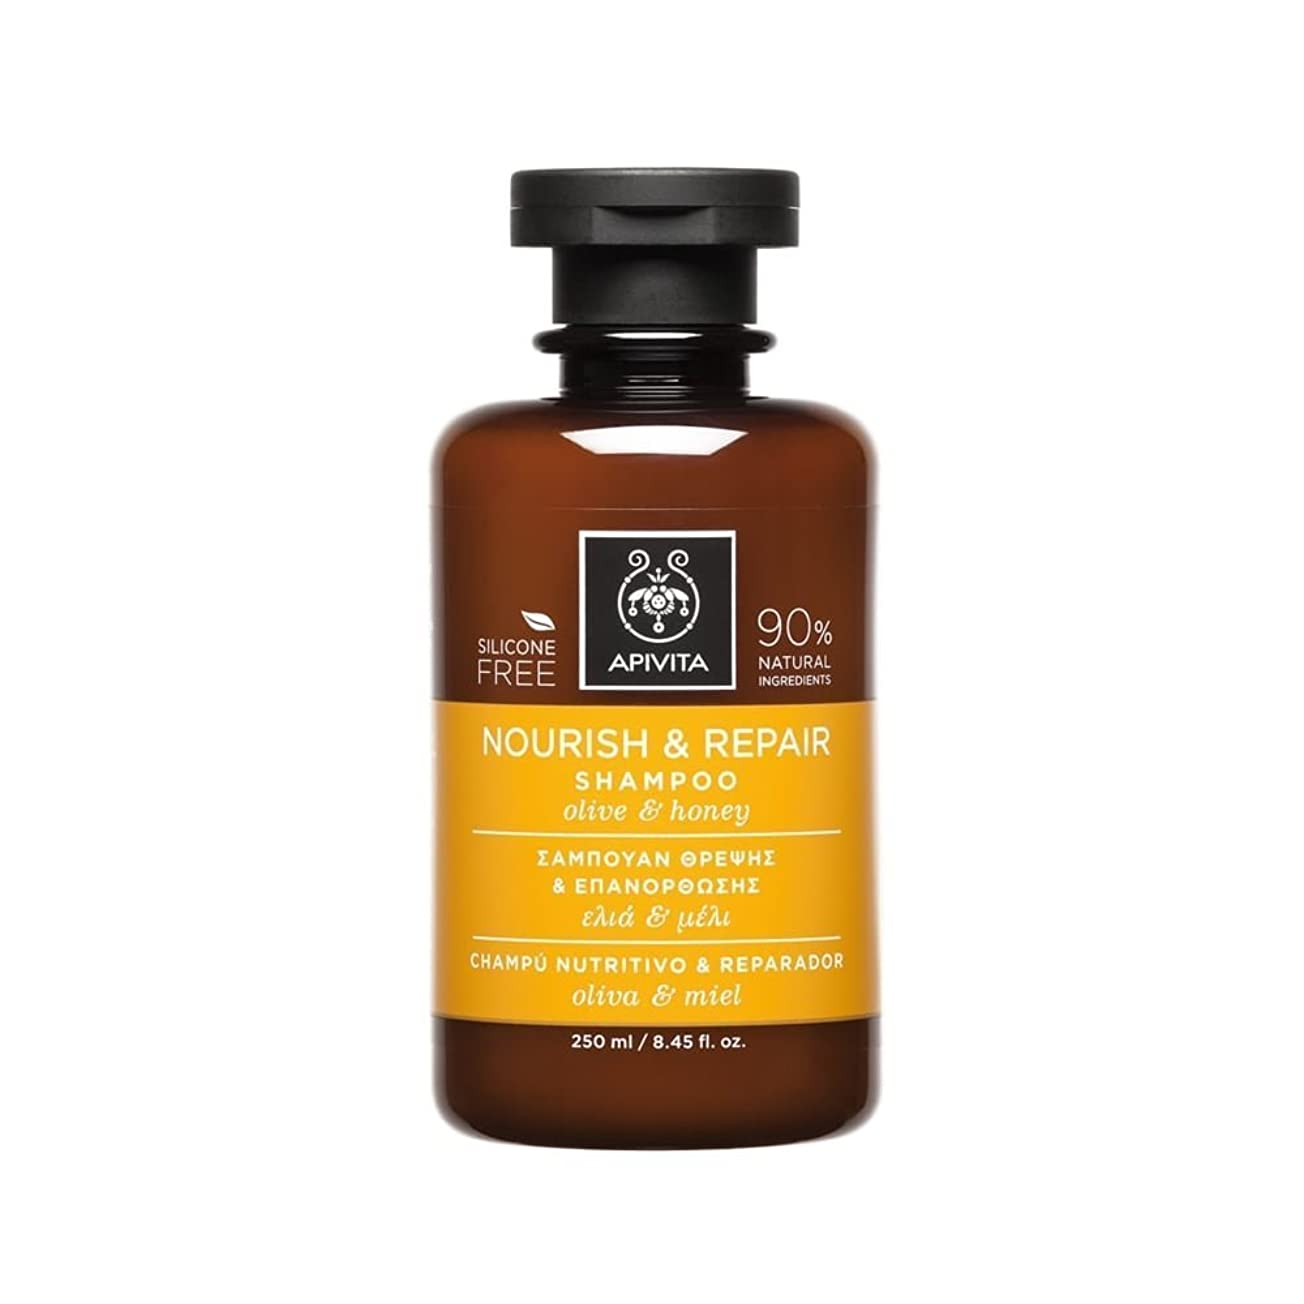 私たちお香異常なアピヴィータ Nourish & Repair Shampoo with Olive & Honey (For Dry-Damaged Hair) 250ml [並行輸入品]